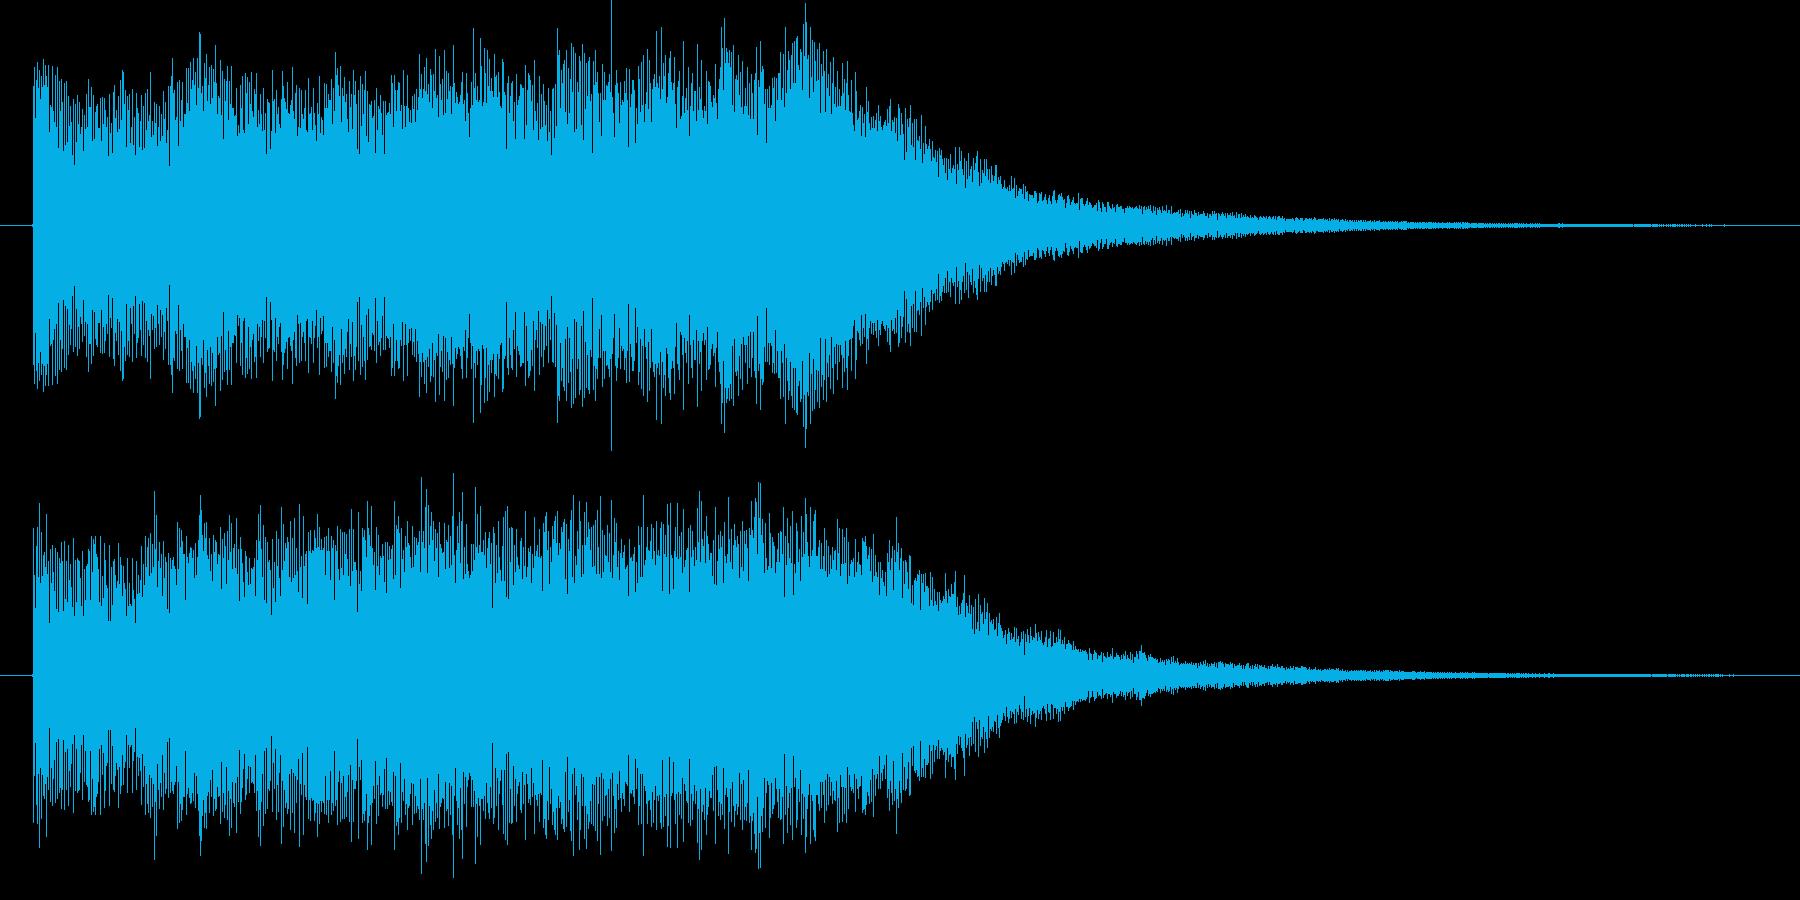 インスピレーショナルなロゴ・ジングルの再生済みの波形